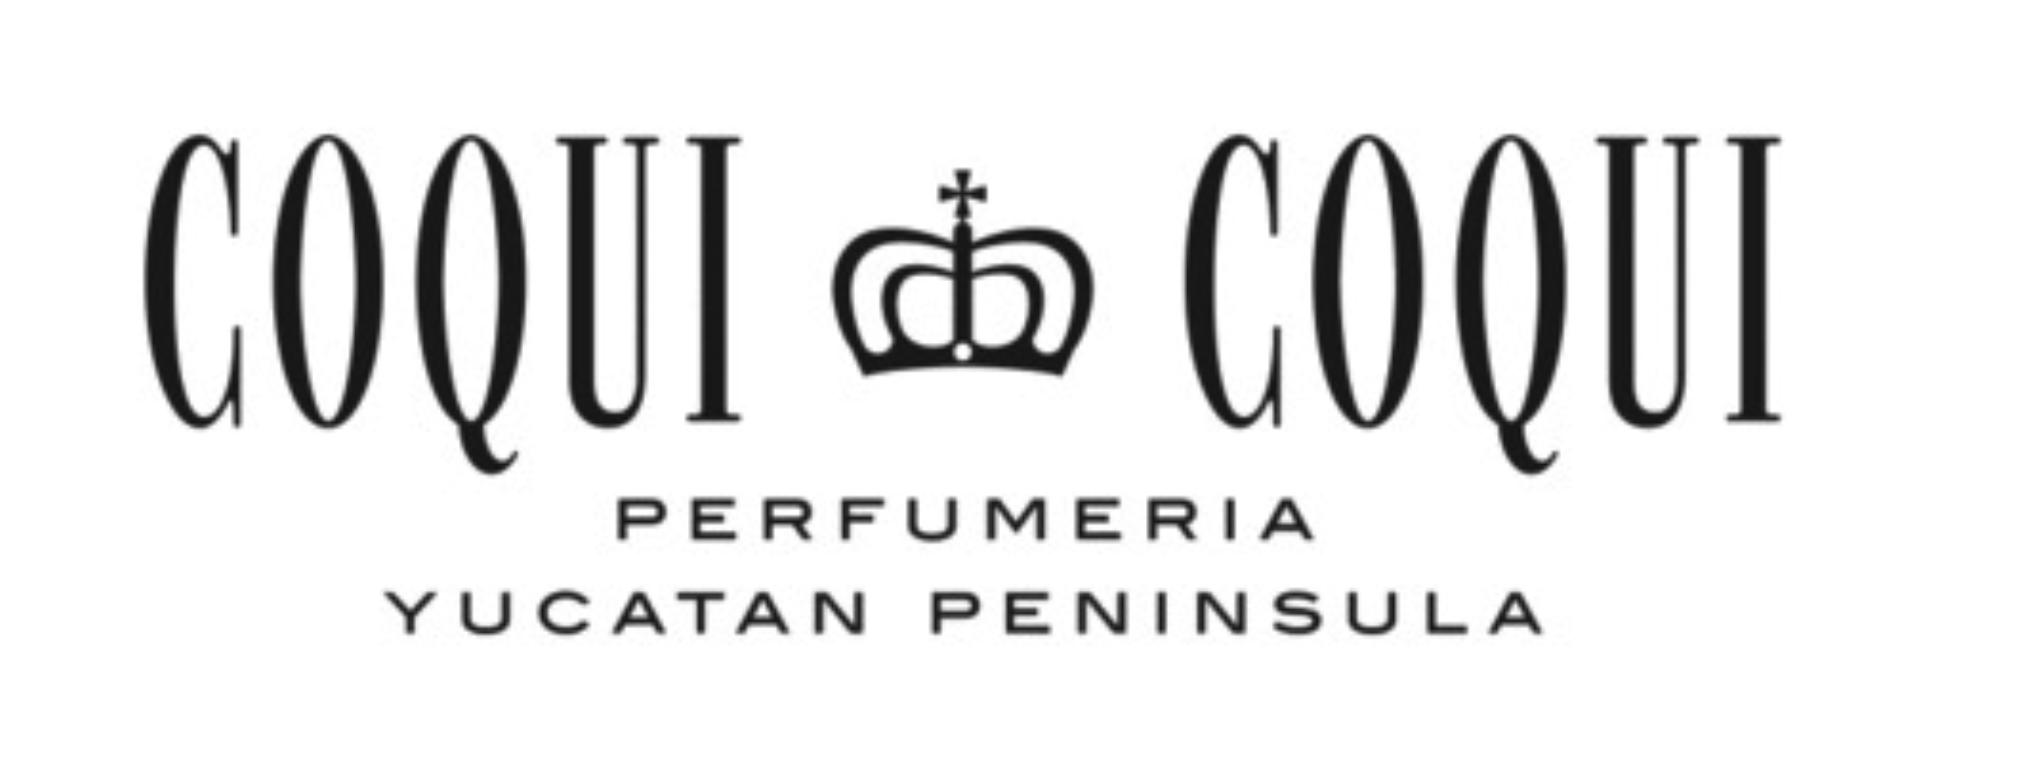 coqui-coqui-logo.png